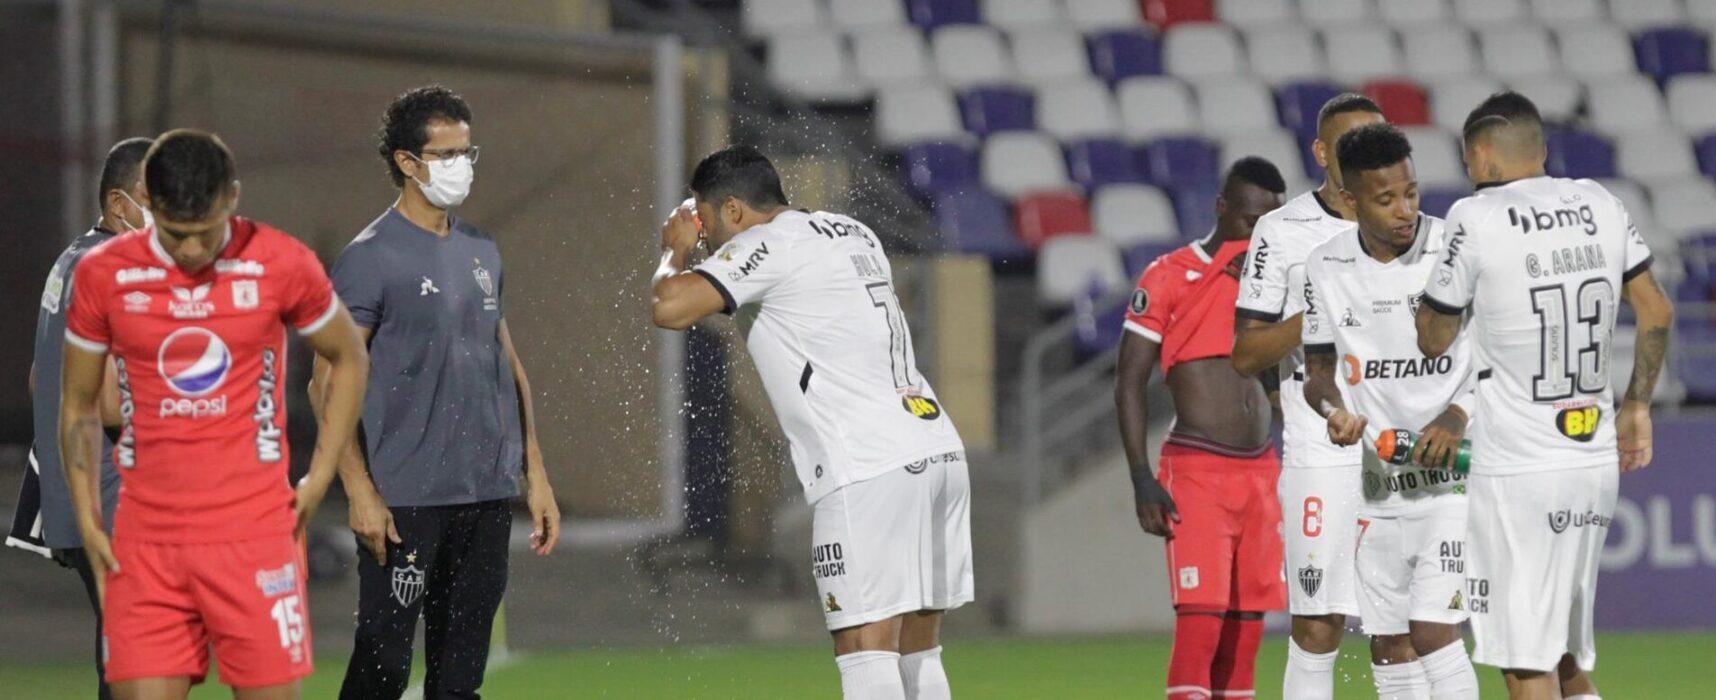 Jogo do Atlético-MG na Colômbia é paralisado por gás lacrimogênio de protestos